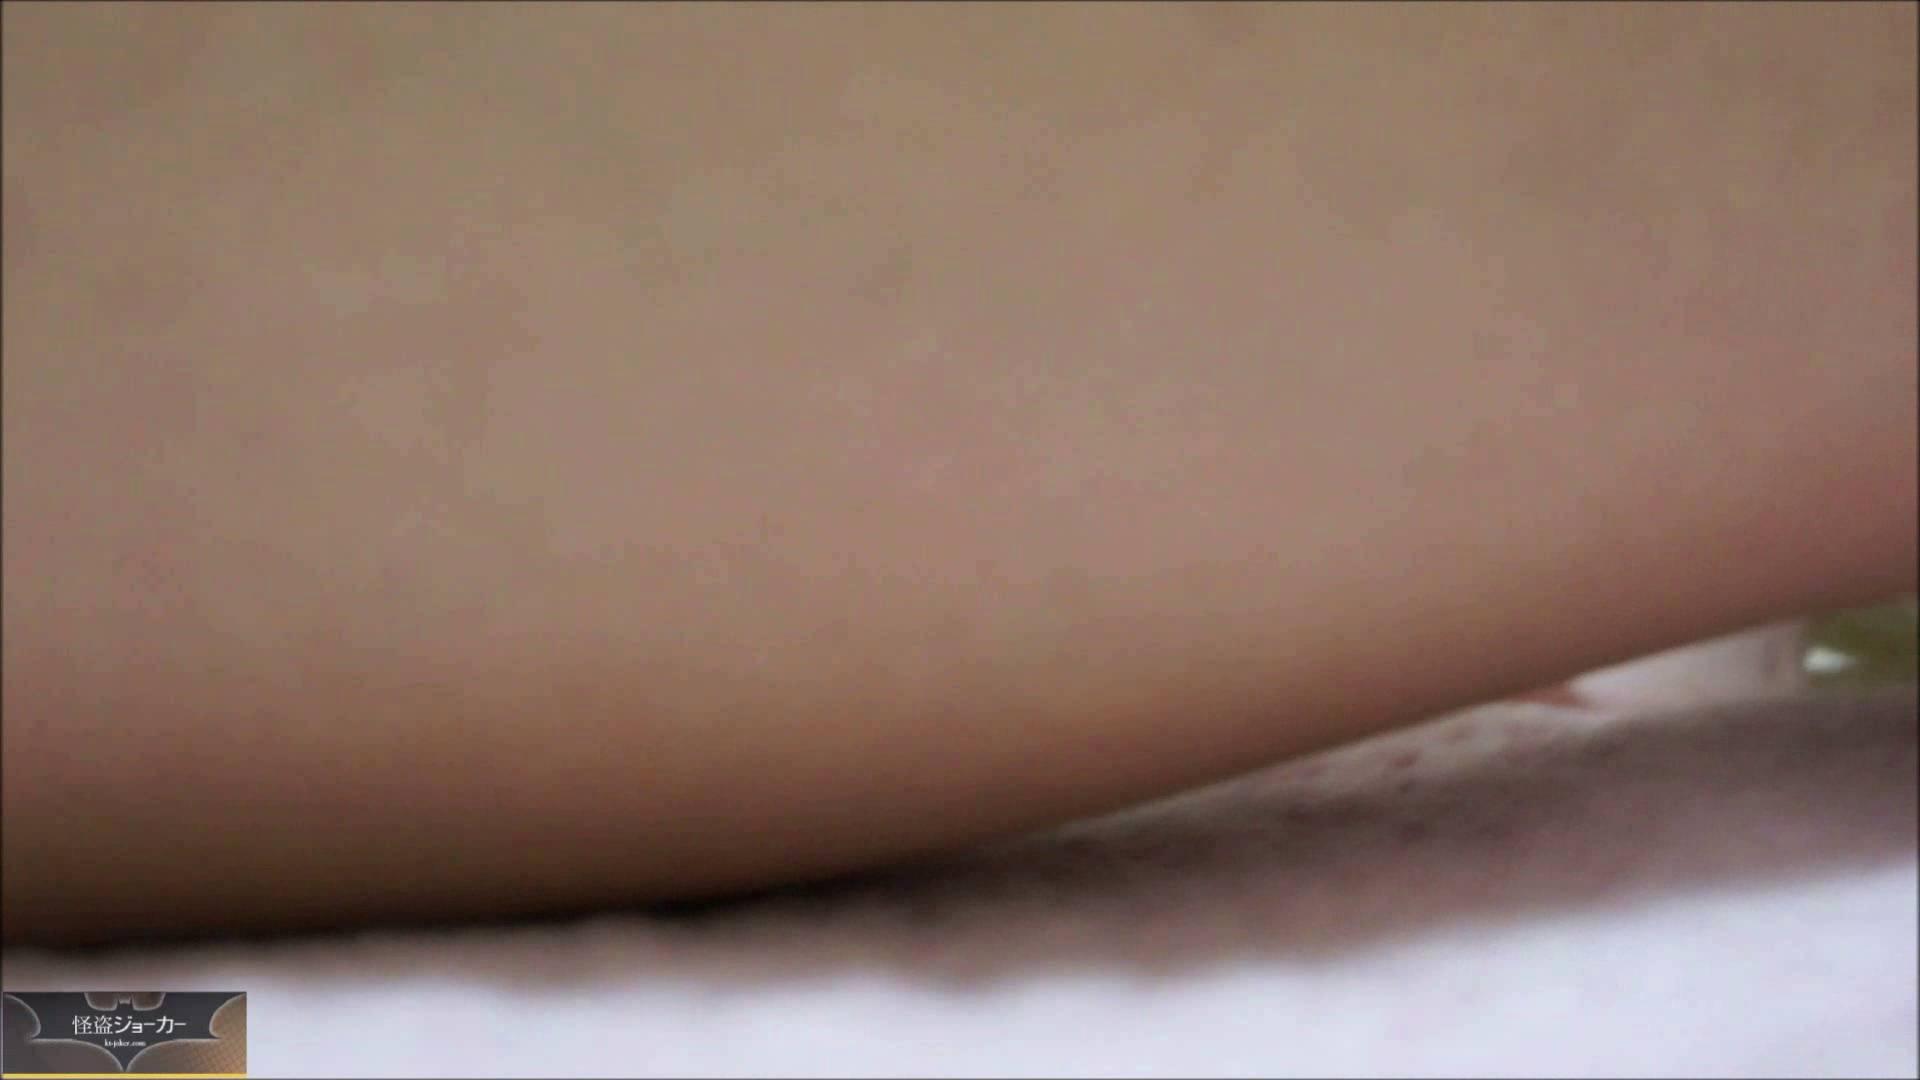 【未公開】vol.26 目民るレイカを突いて・・・ 美乳 性交動画流出 72画像 16